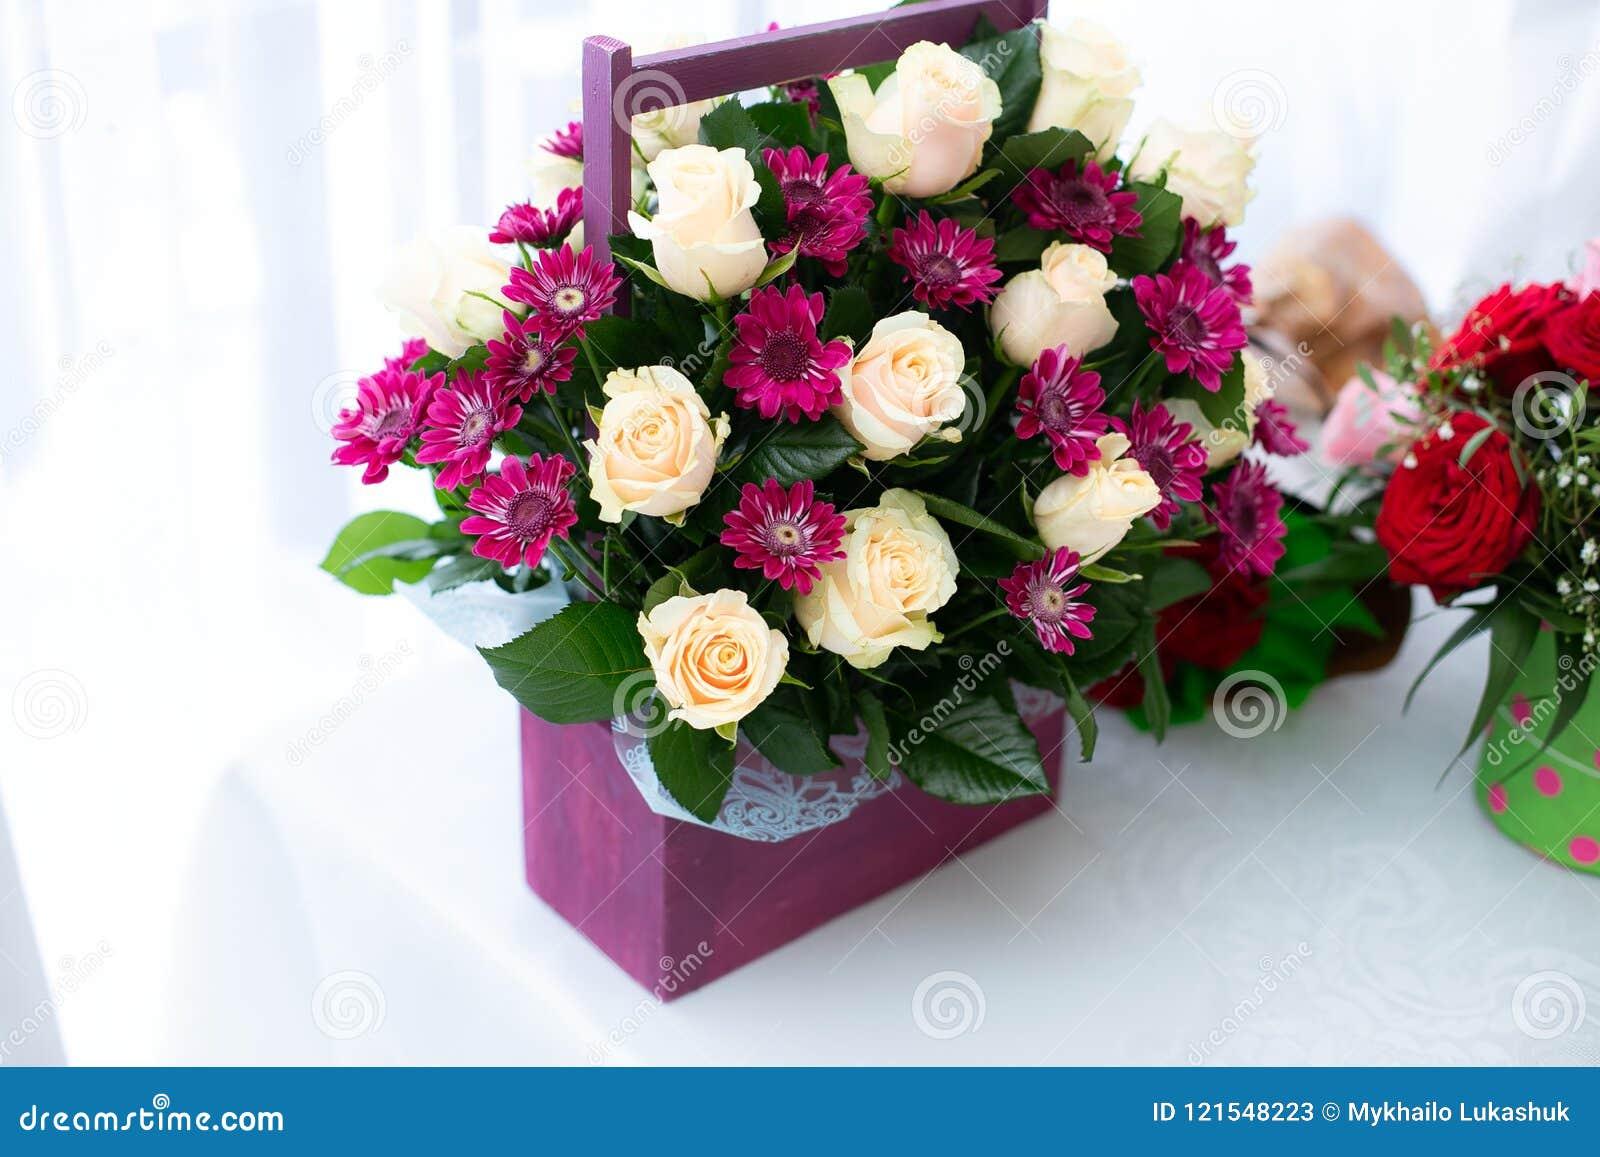 Ramo De Flores Rojas Y Blancas En La Caja De Madera En La Tabla